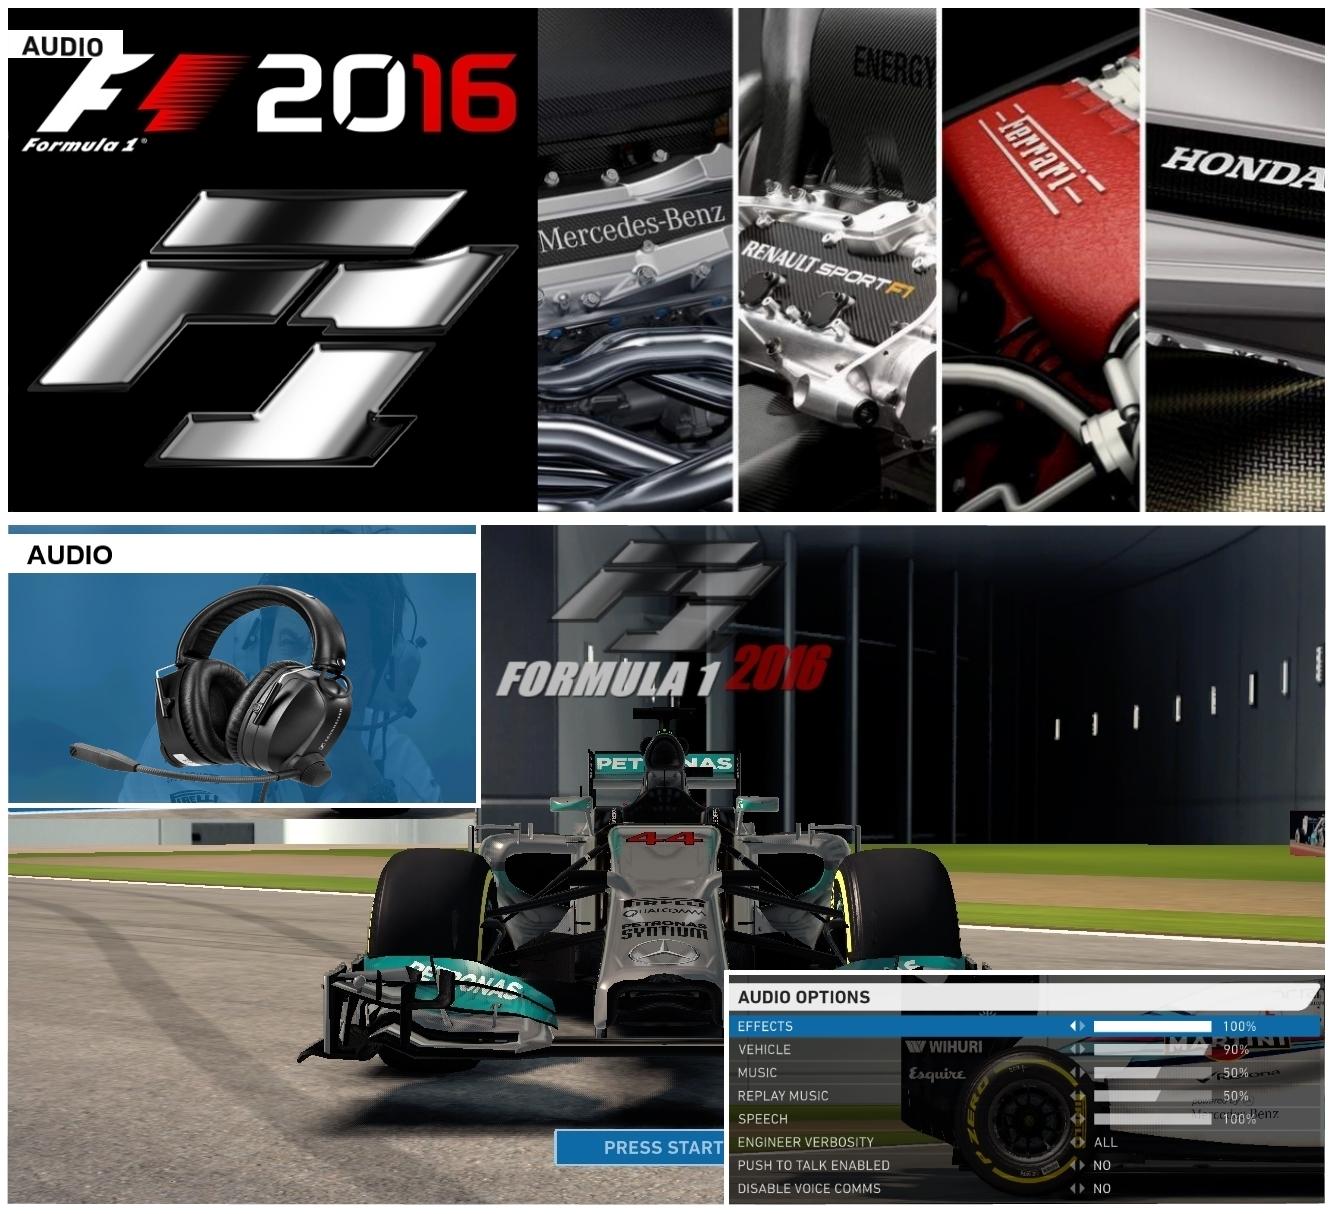 F1 2016 Audio.jpg